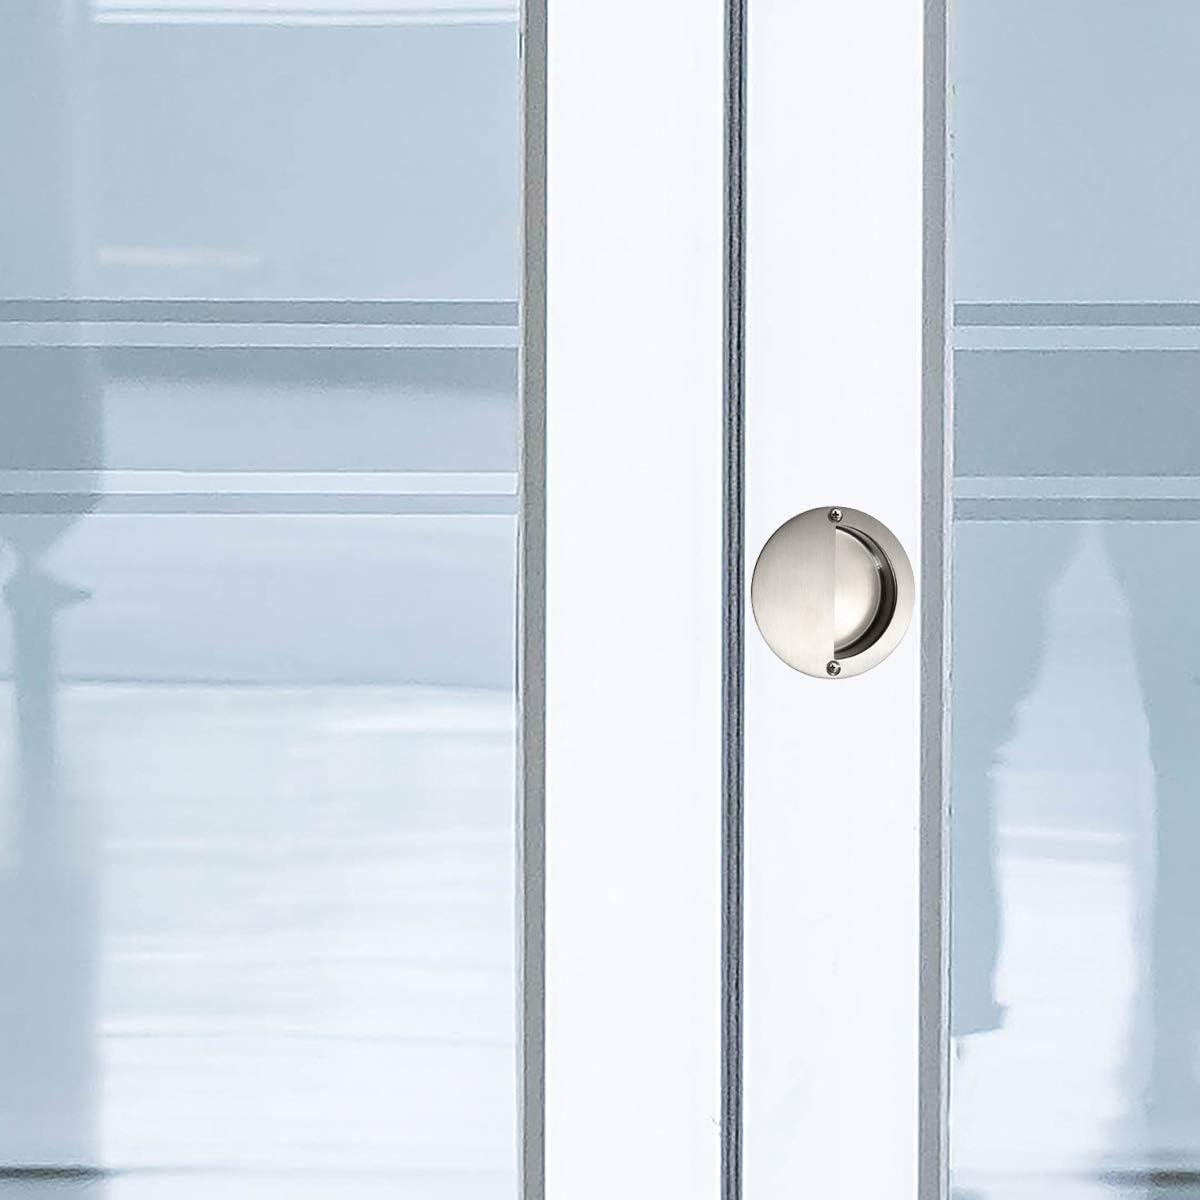 JJOnlineStore - 1x [acier inoxydable] acier recouvert de rond [poignée de porte], 6,5 cm (diamètre) x1 cm (profondeur): Amazon.es: Bricolaje y herramientas